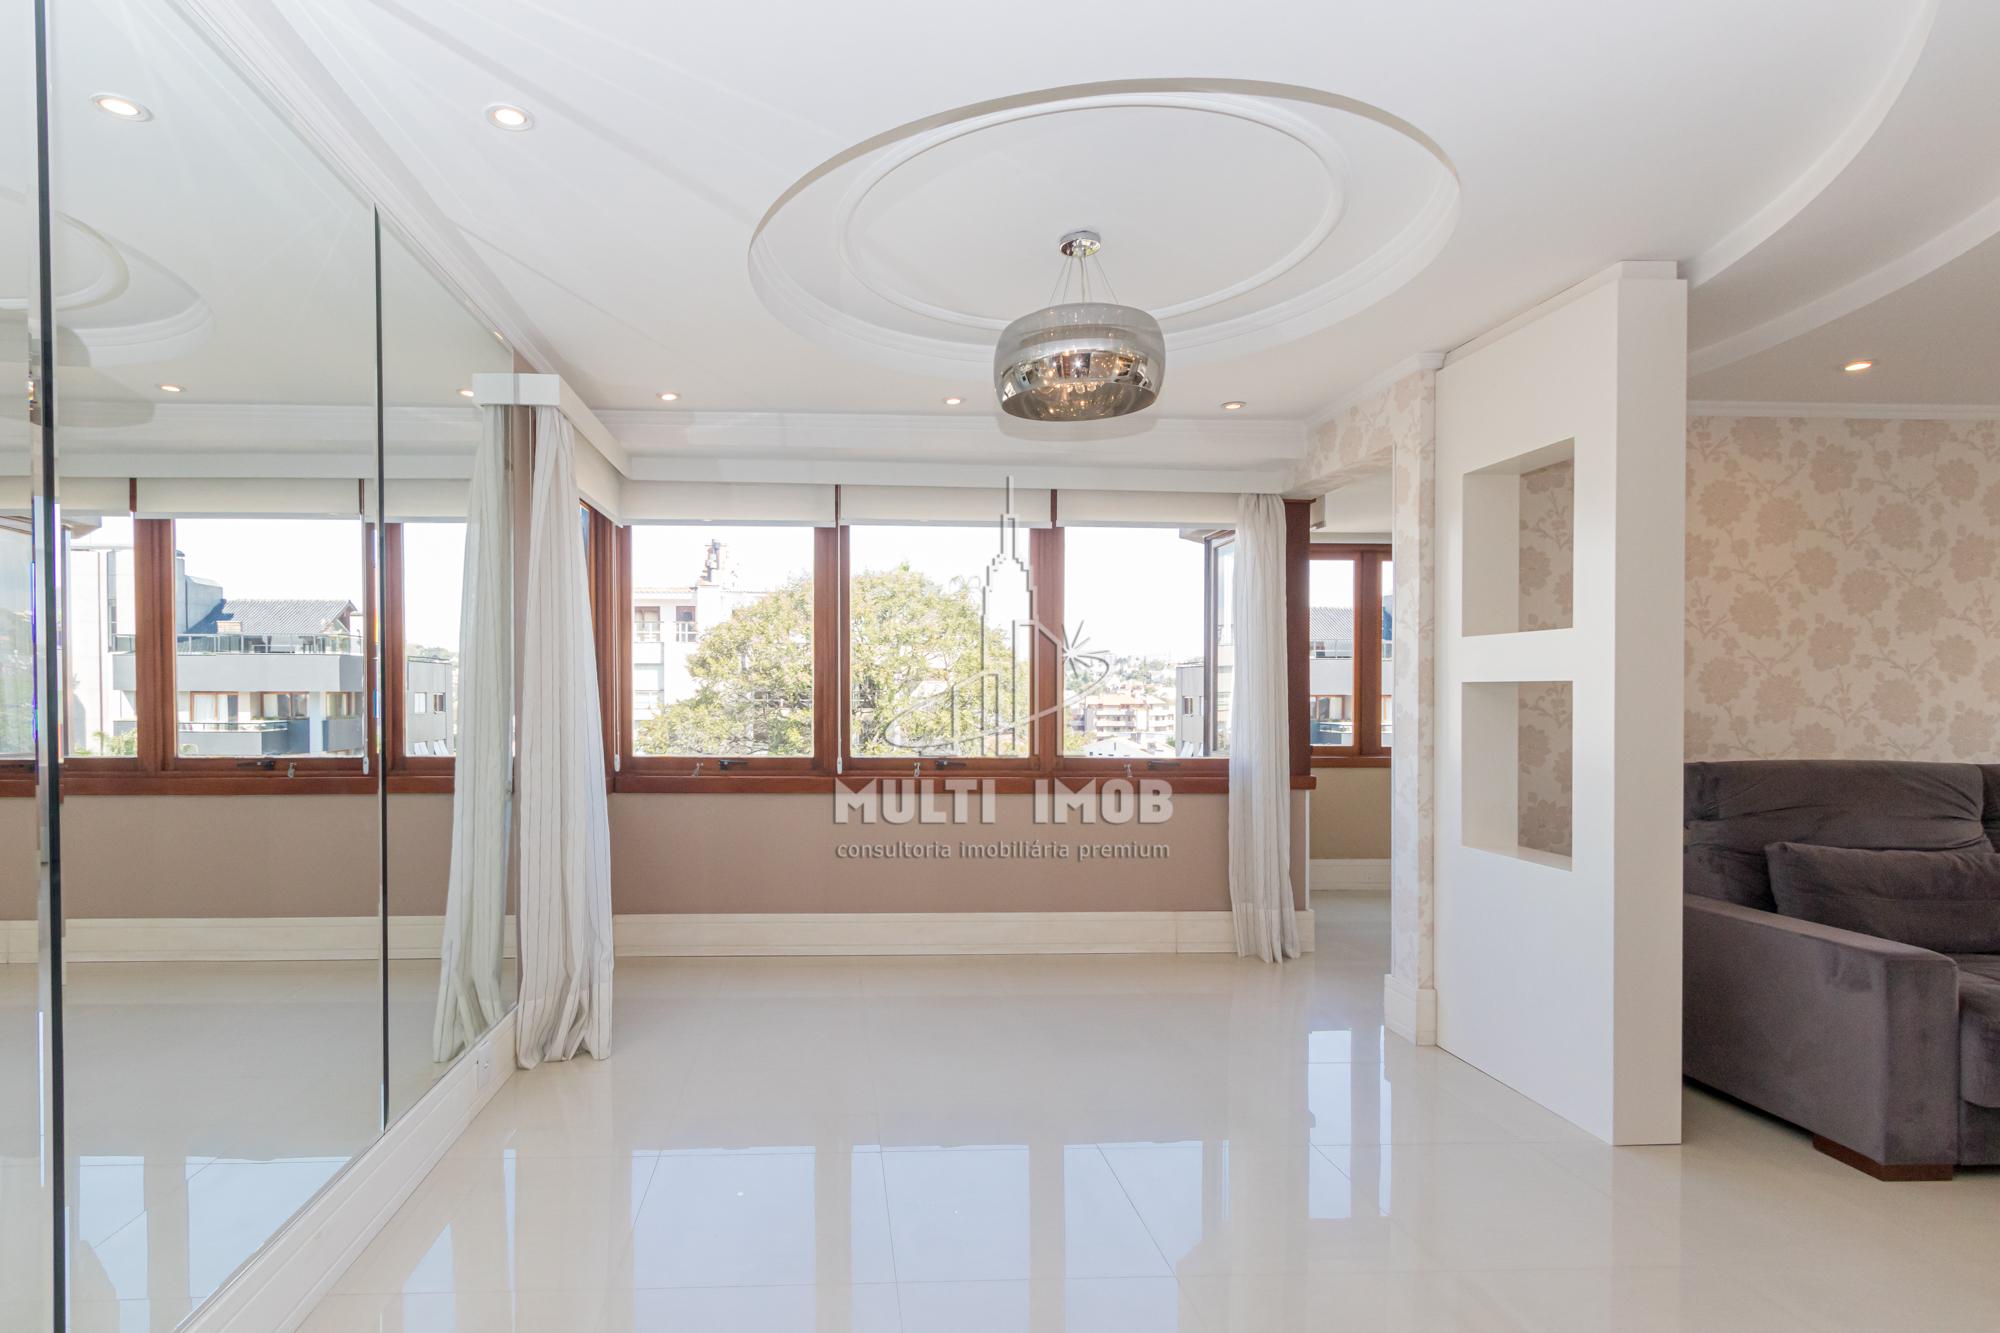 Apartamento  3 Dormitórios  1 Suíte  2 Vagas de Garagem Venda e Aluguel Bairro Chácara das Pedras em Porto Alegre RS